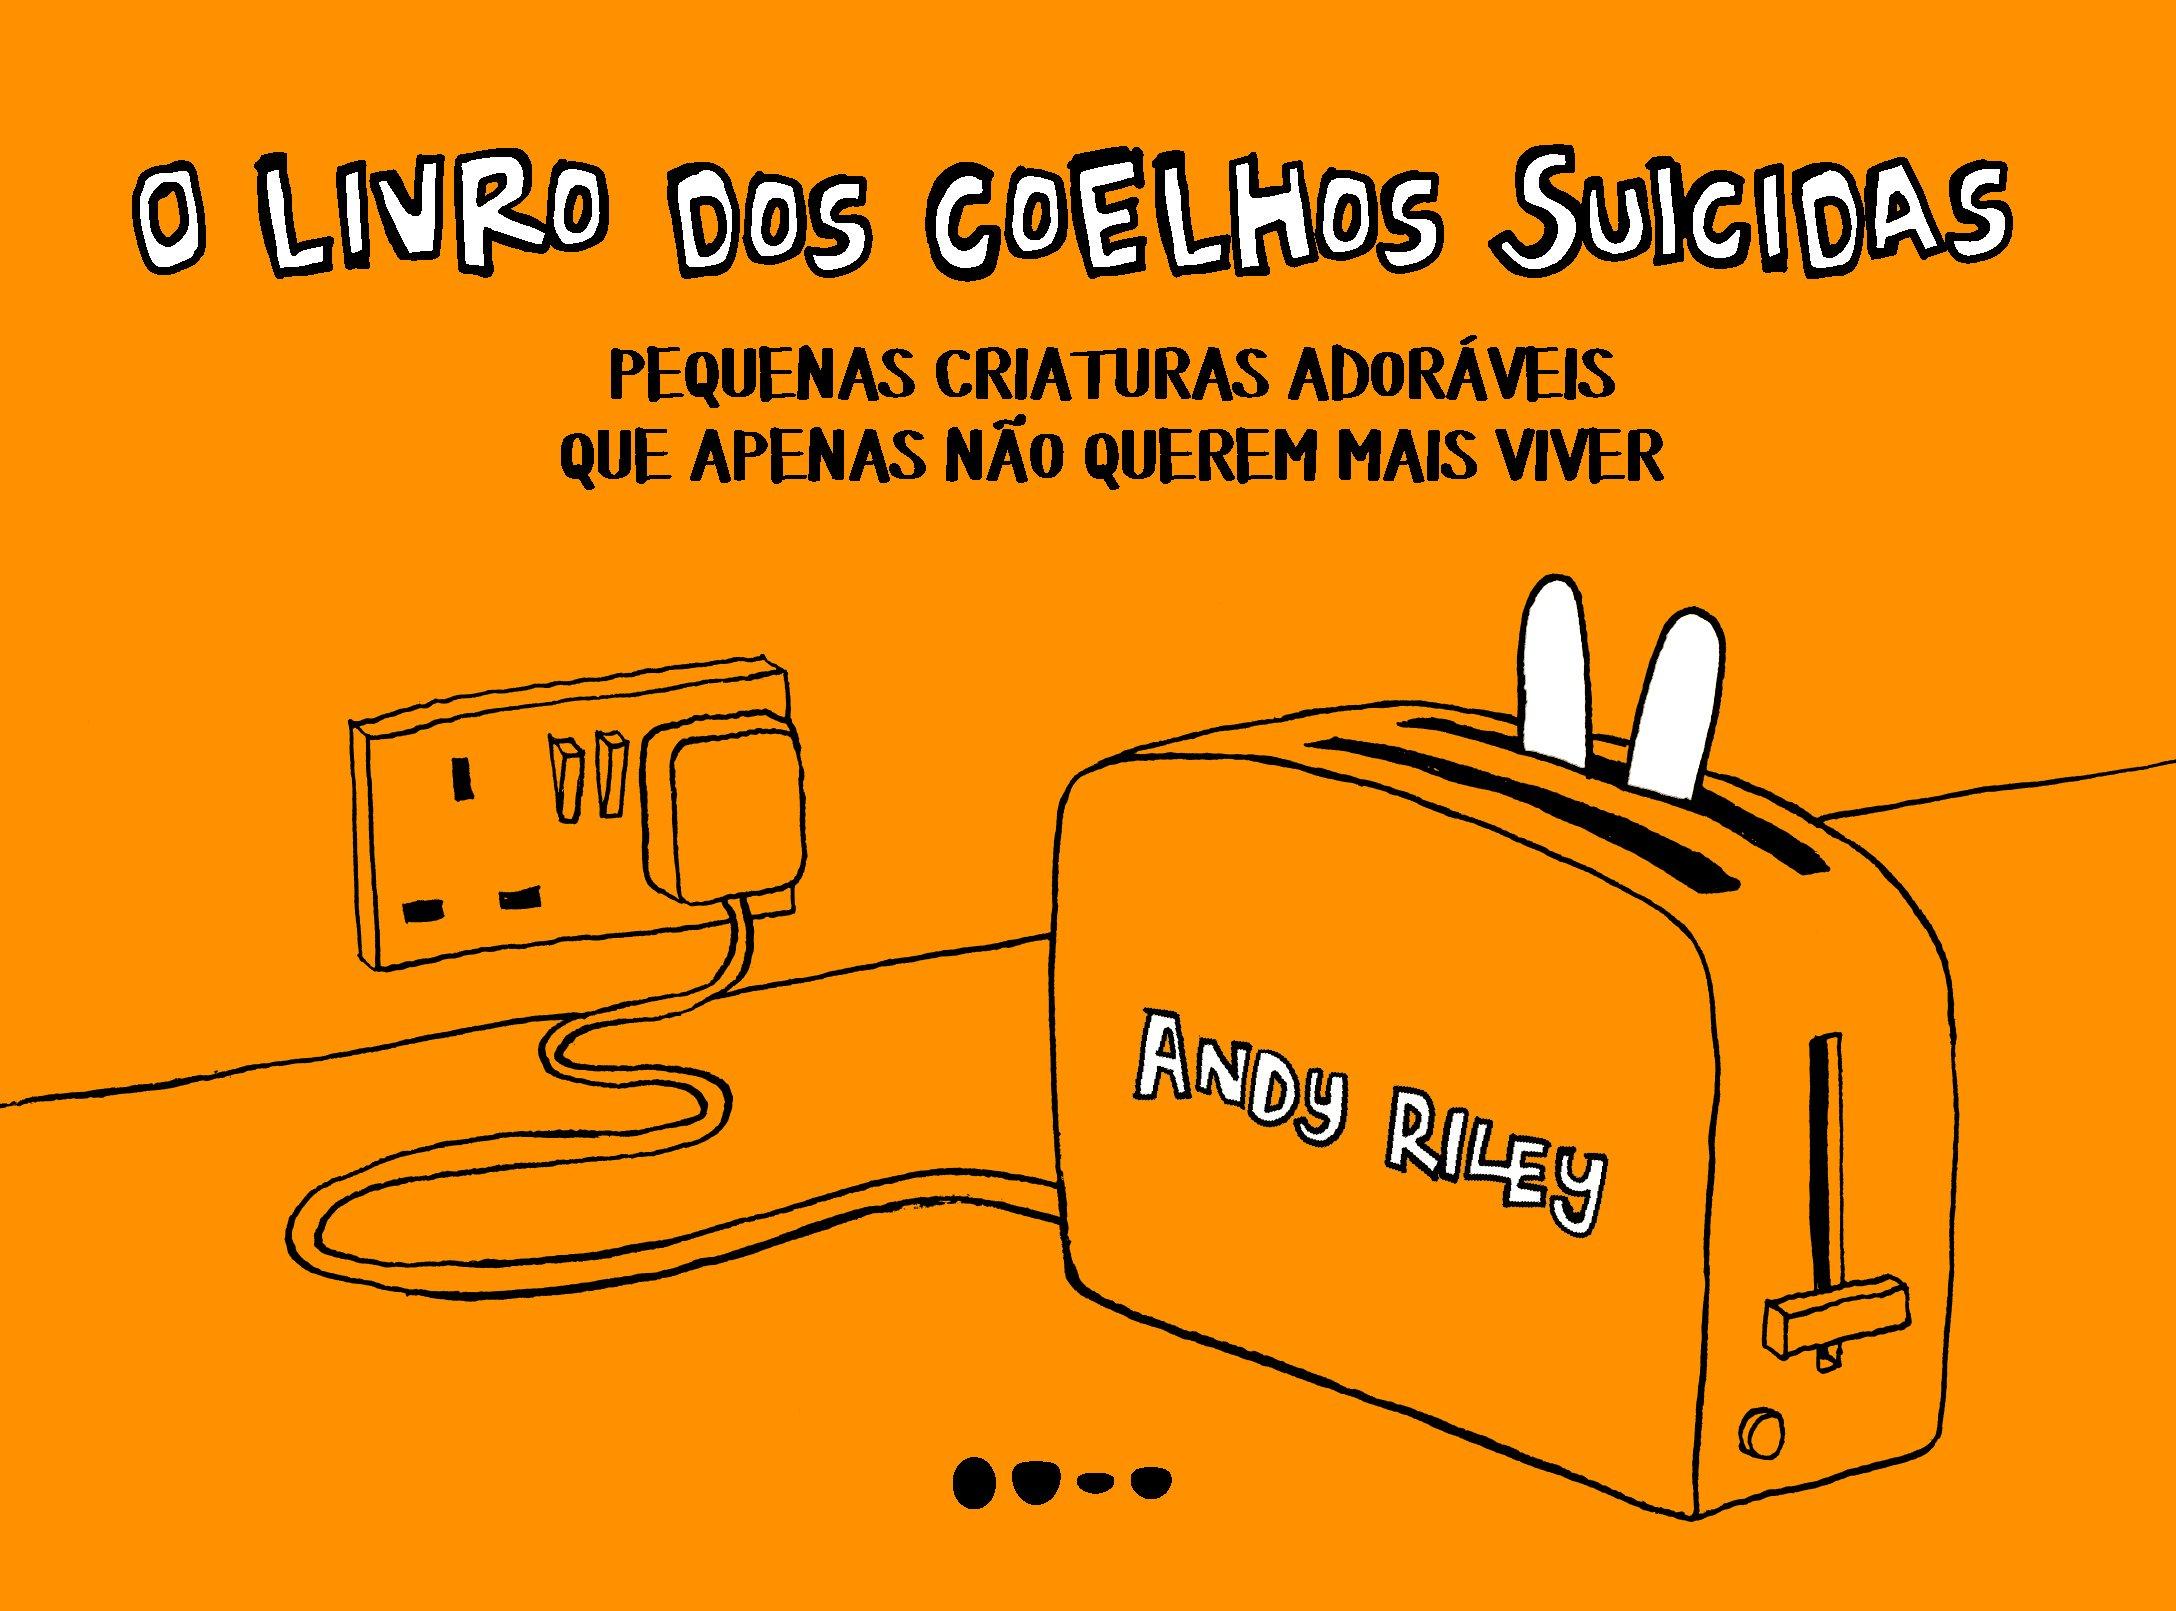 O Livro dos Coelhos Suicidas